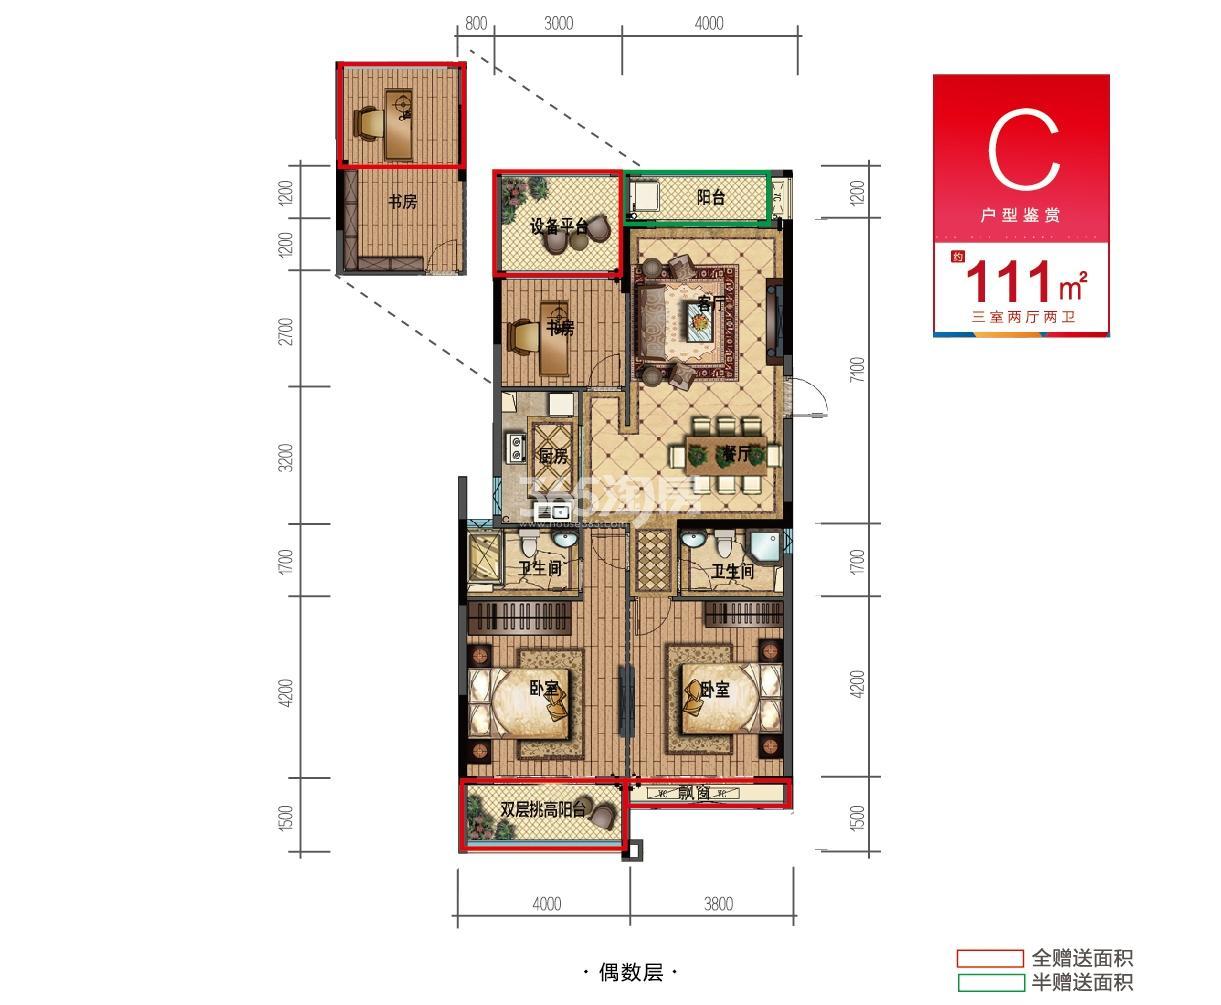 越秀星汇城C户型111方偶数层 (11号楼)